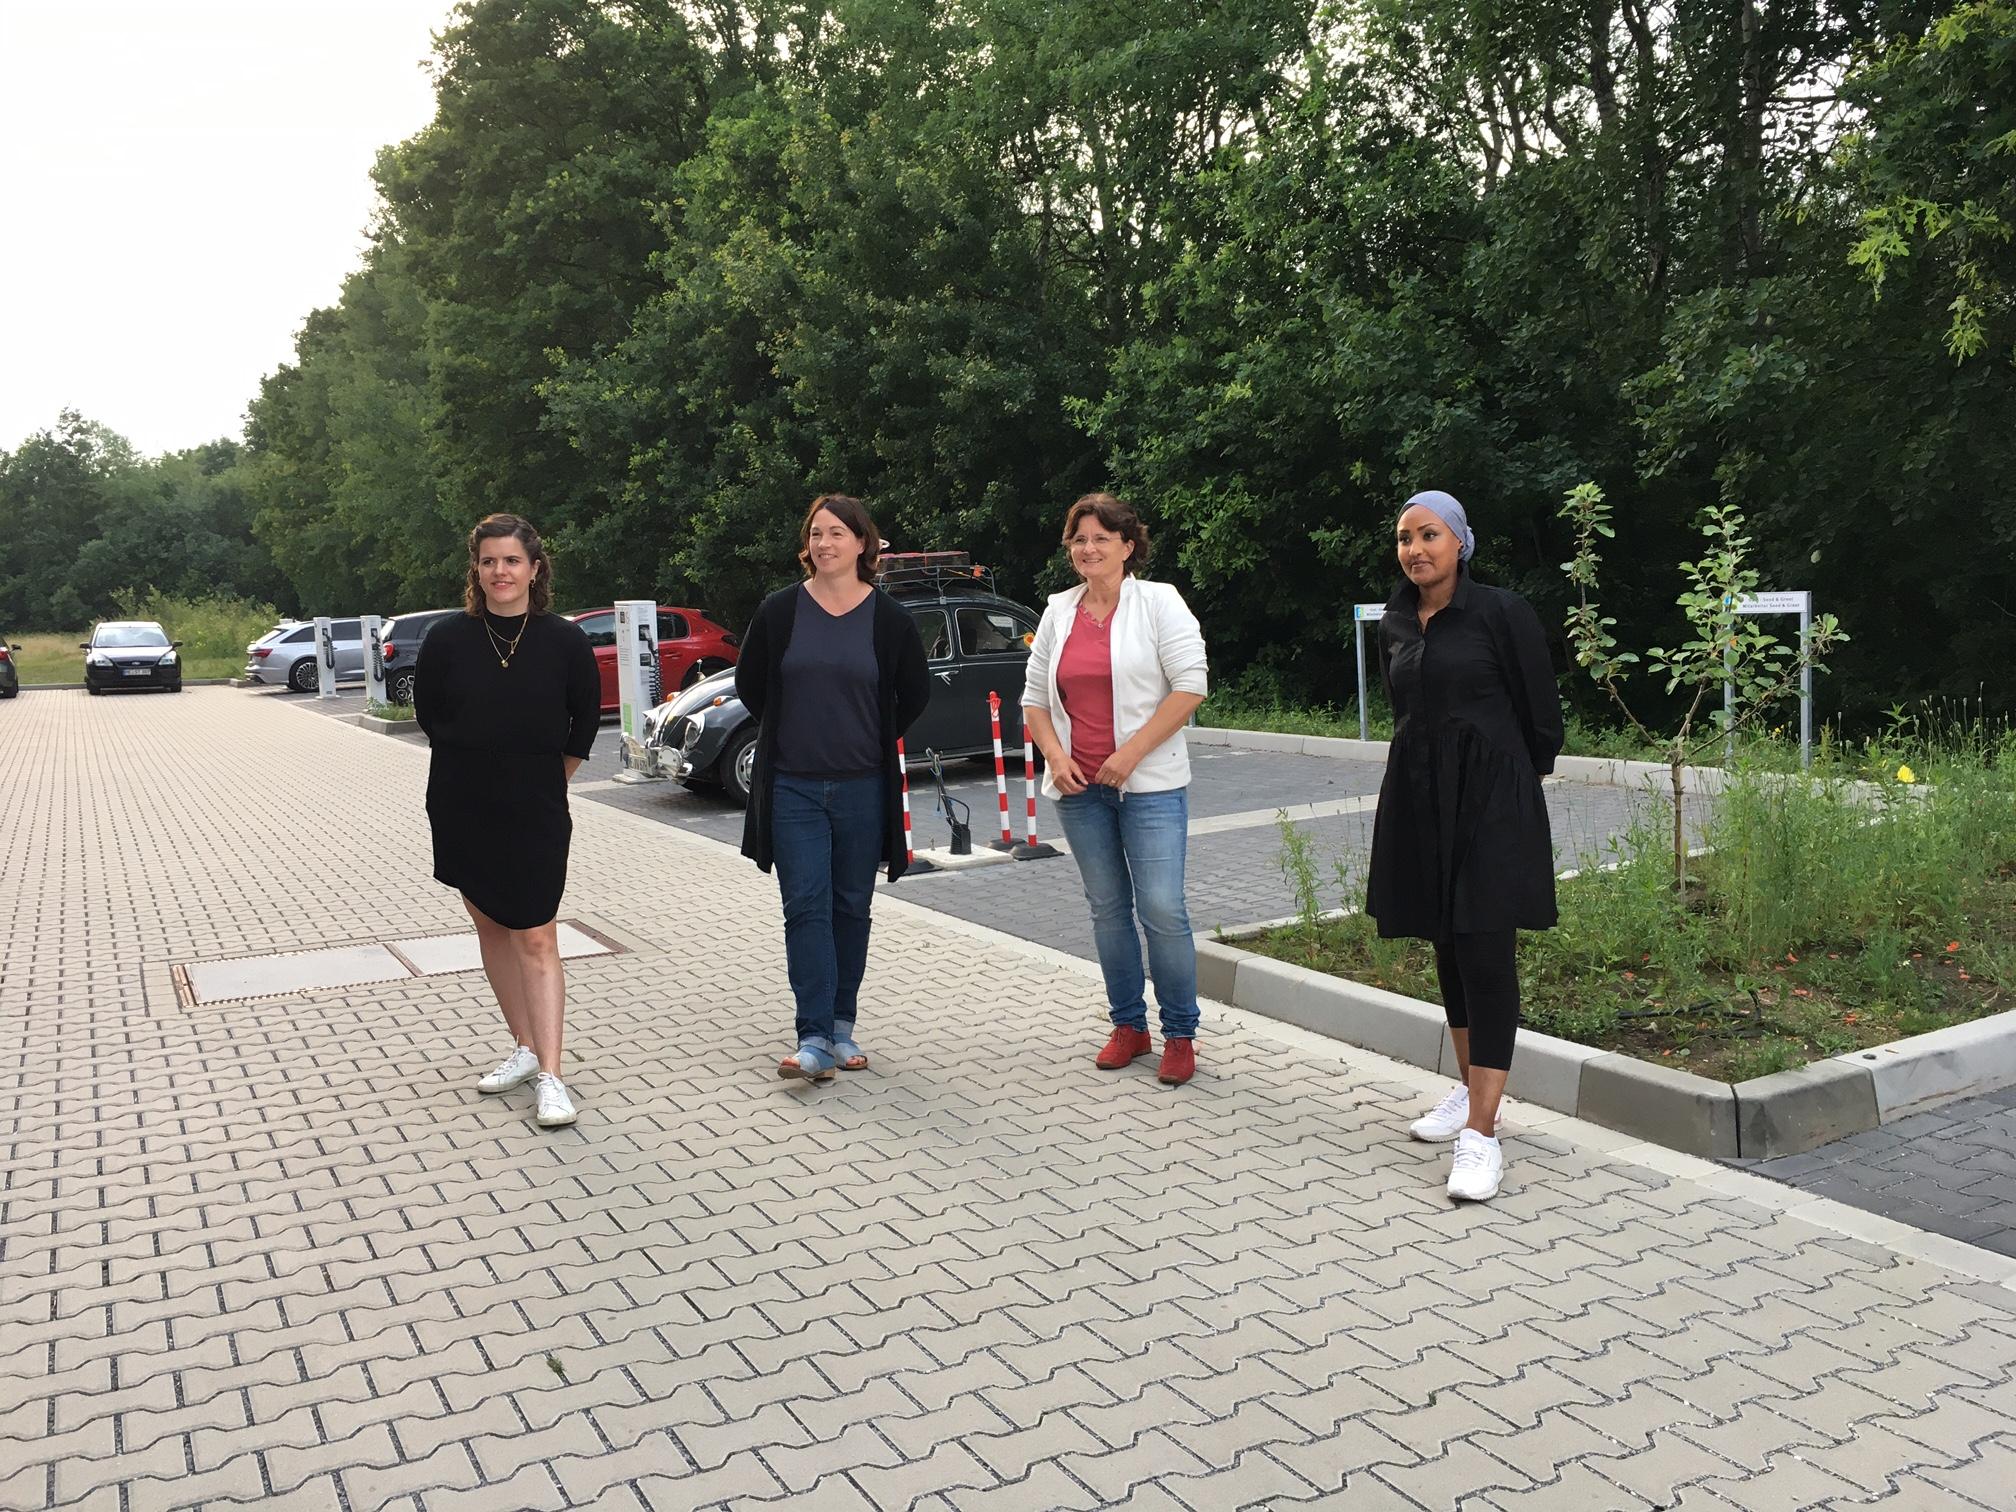 Kreisgrüne vergeben Voten zur Landtagswahl 2022